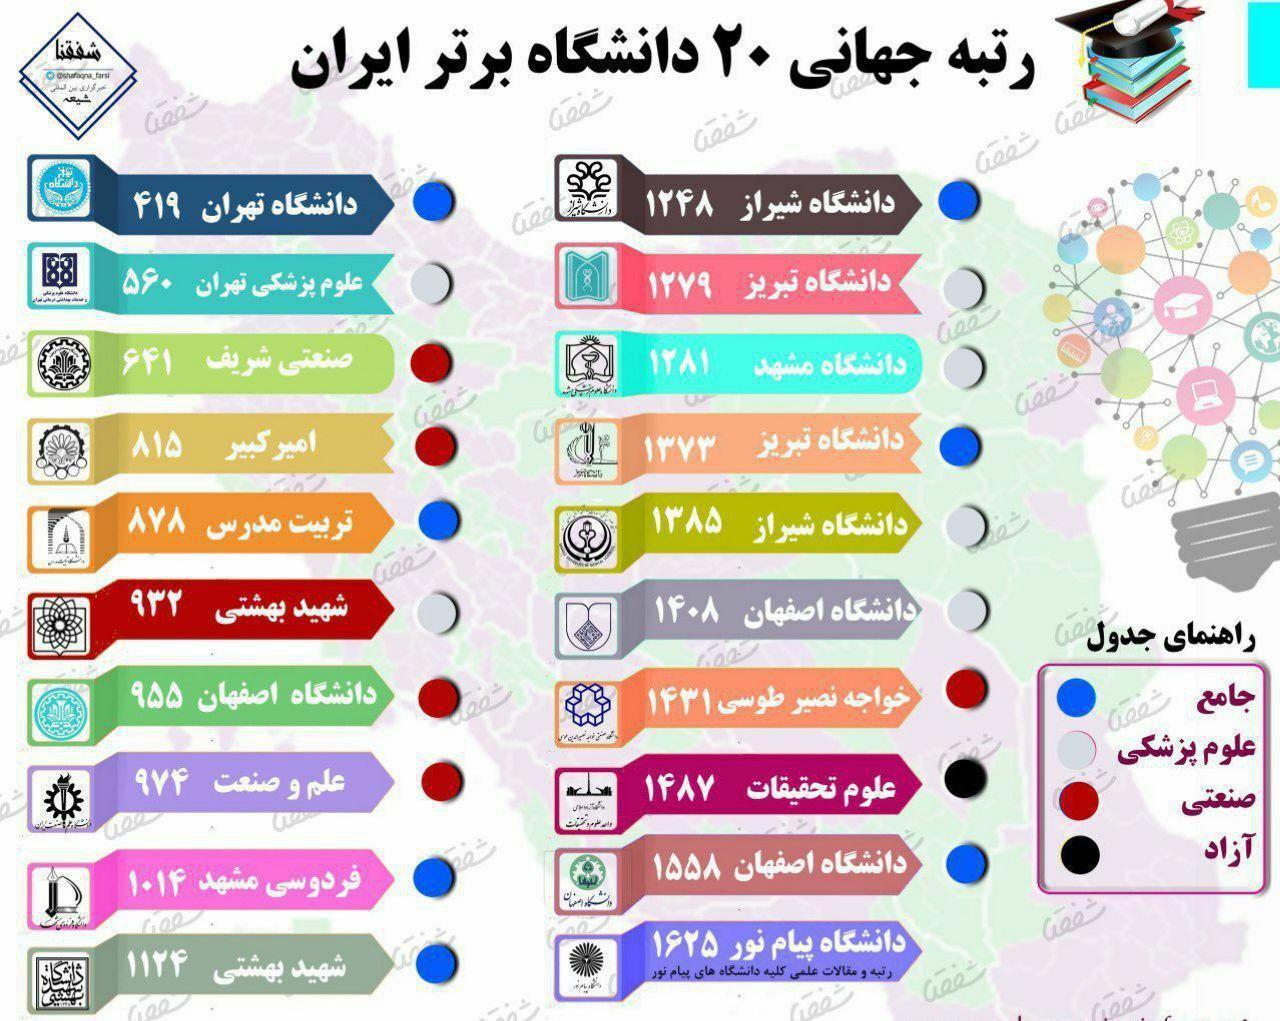 39 دانشگاه ایران در بین مراکز آموزش عالیبرتر دنیا+اینفوگرافی